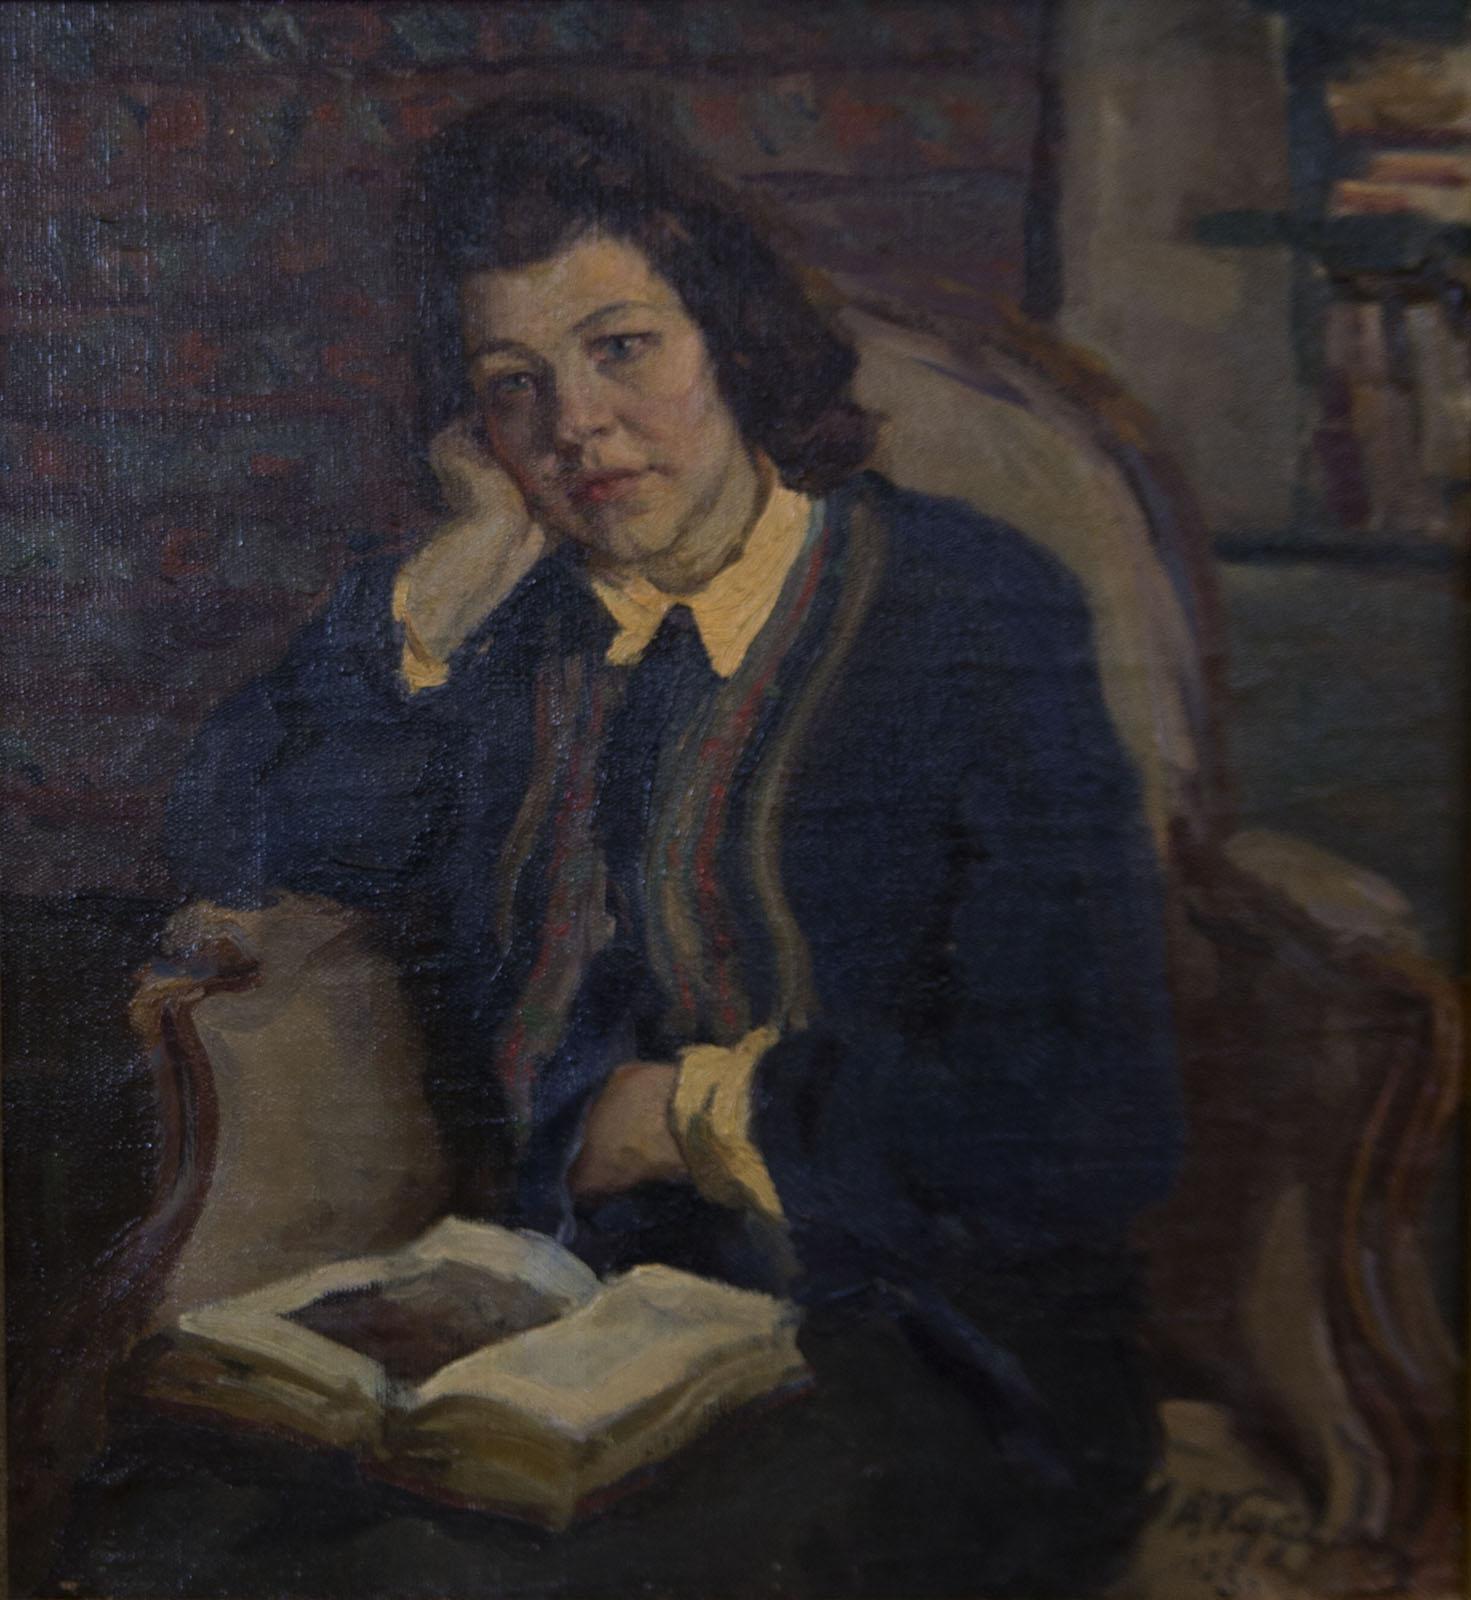 Фото №75681. Портрет жены Камы, 1953, холст, масло